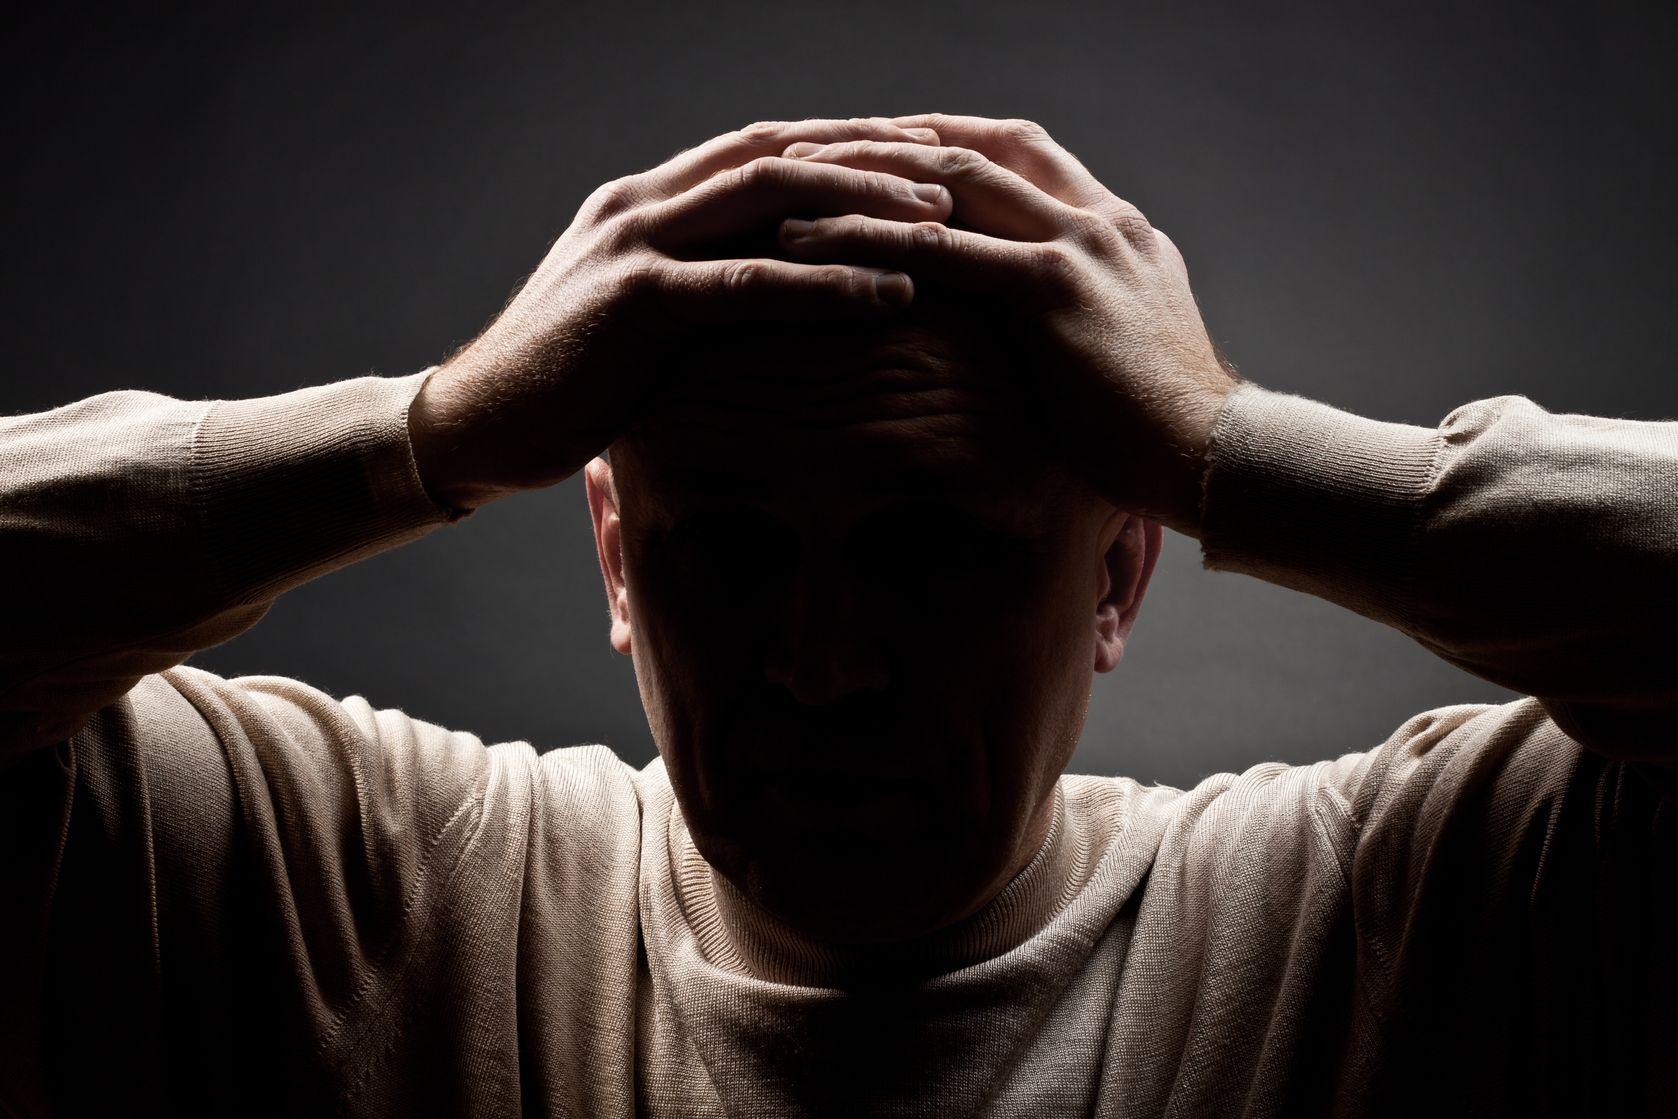 えっ、不安や恐怖を感じるのが正解なんですか?